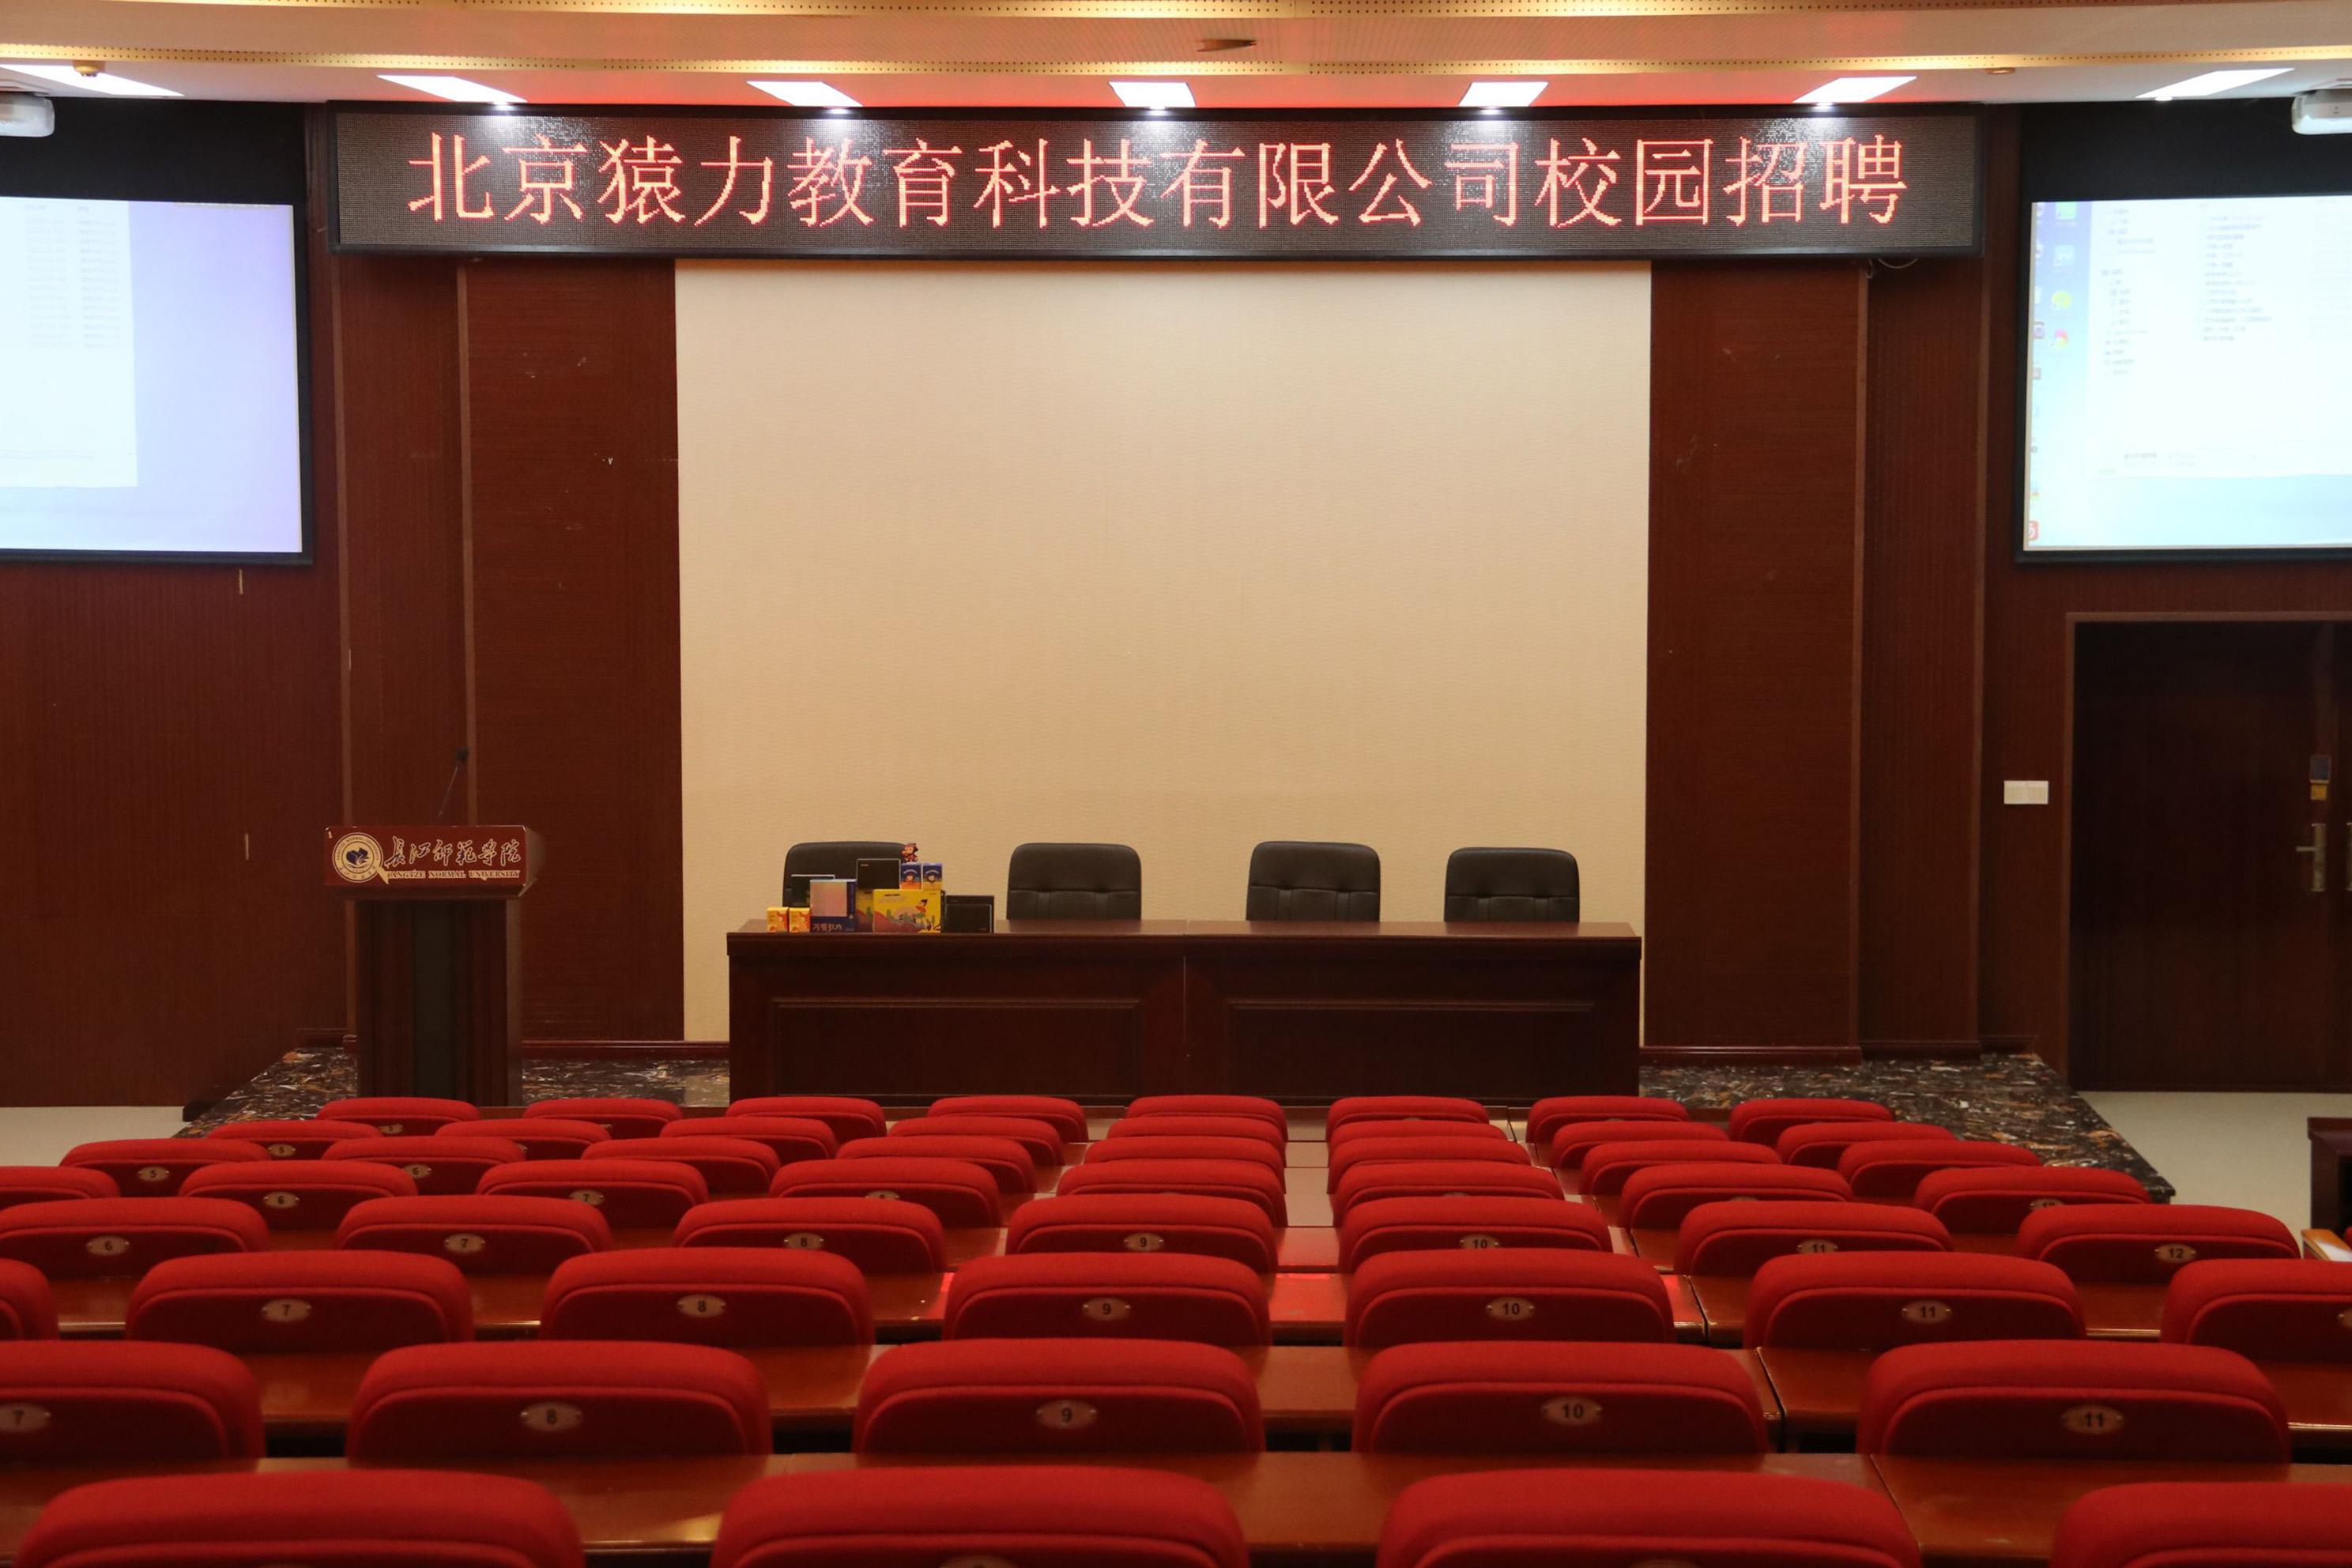 北京猿力教育科技有限公司校园招聘会-图片1.jpg